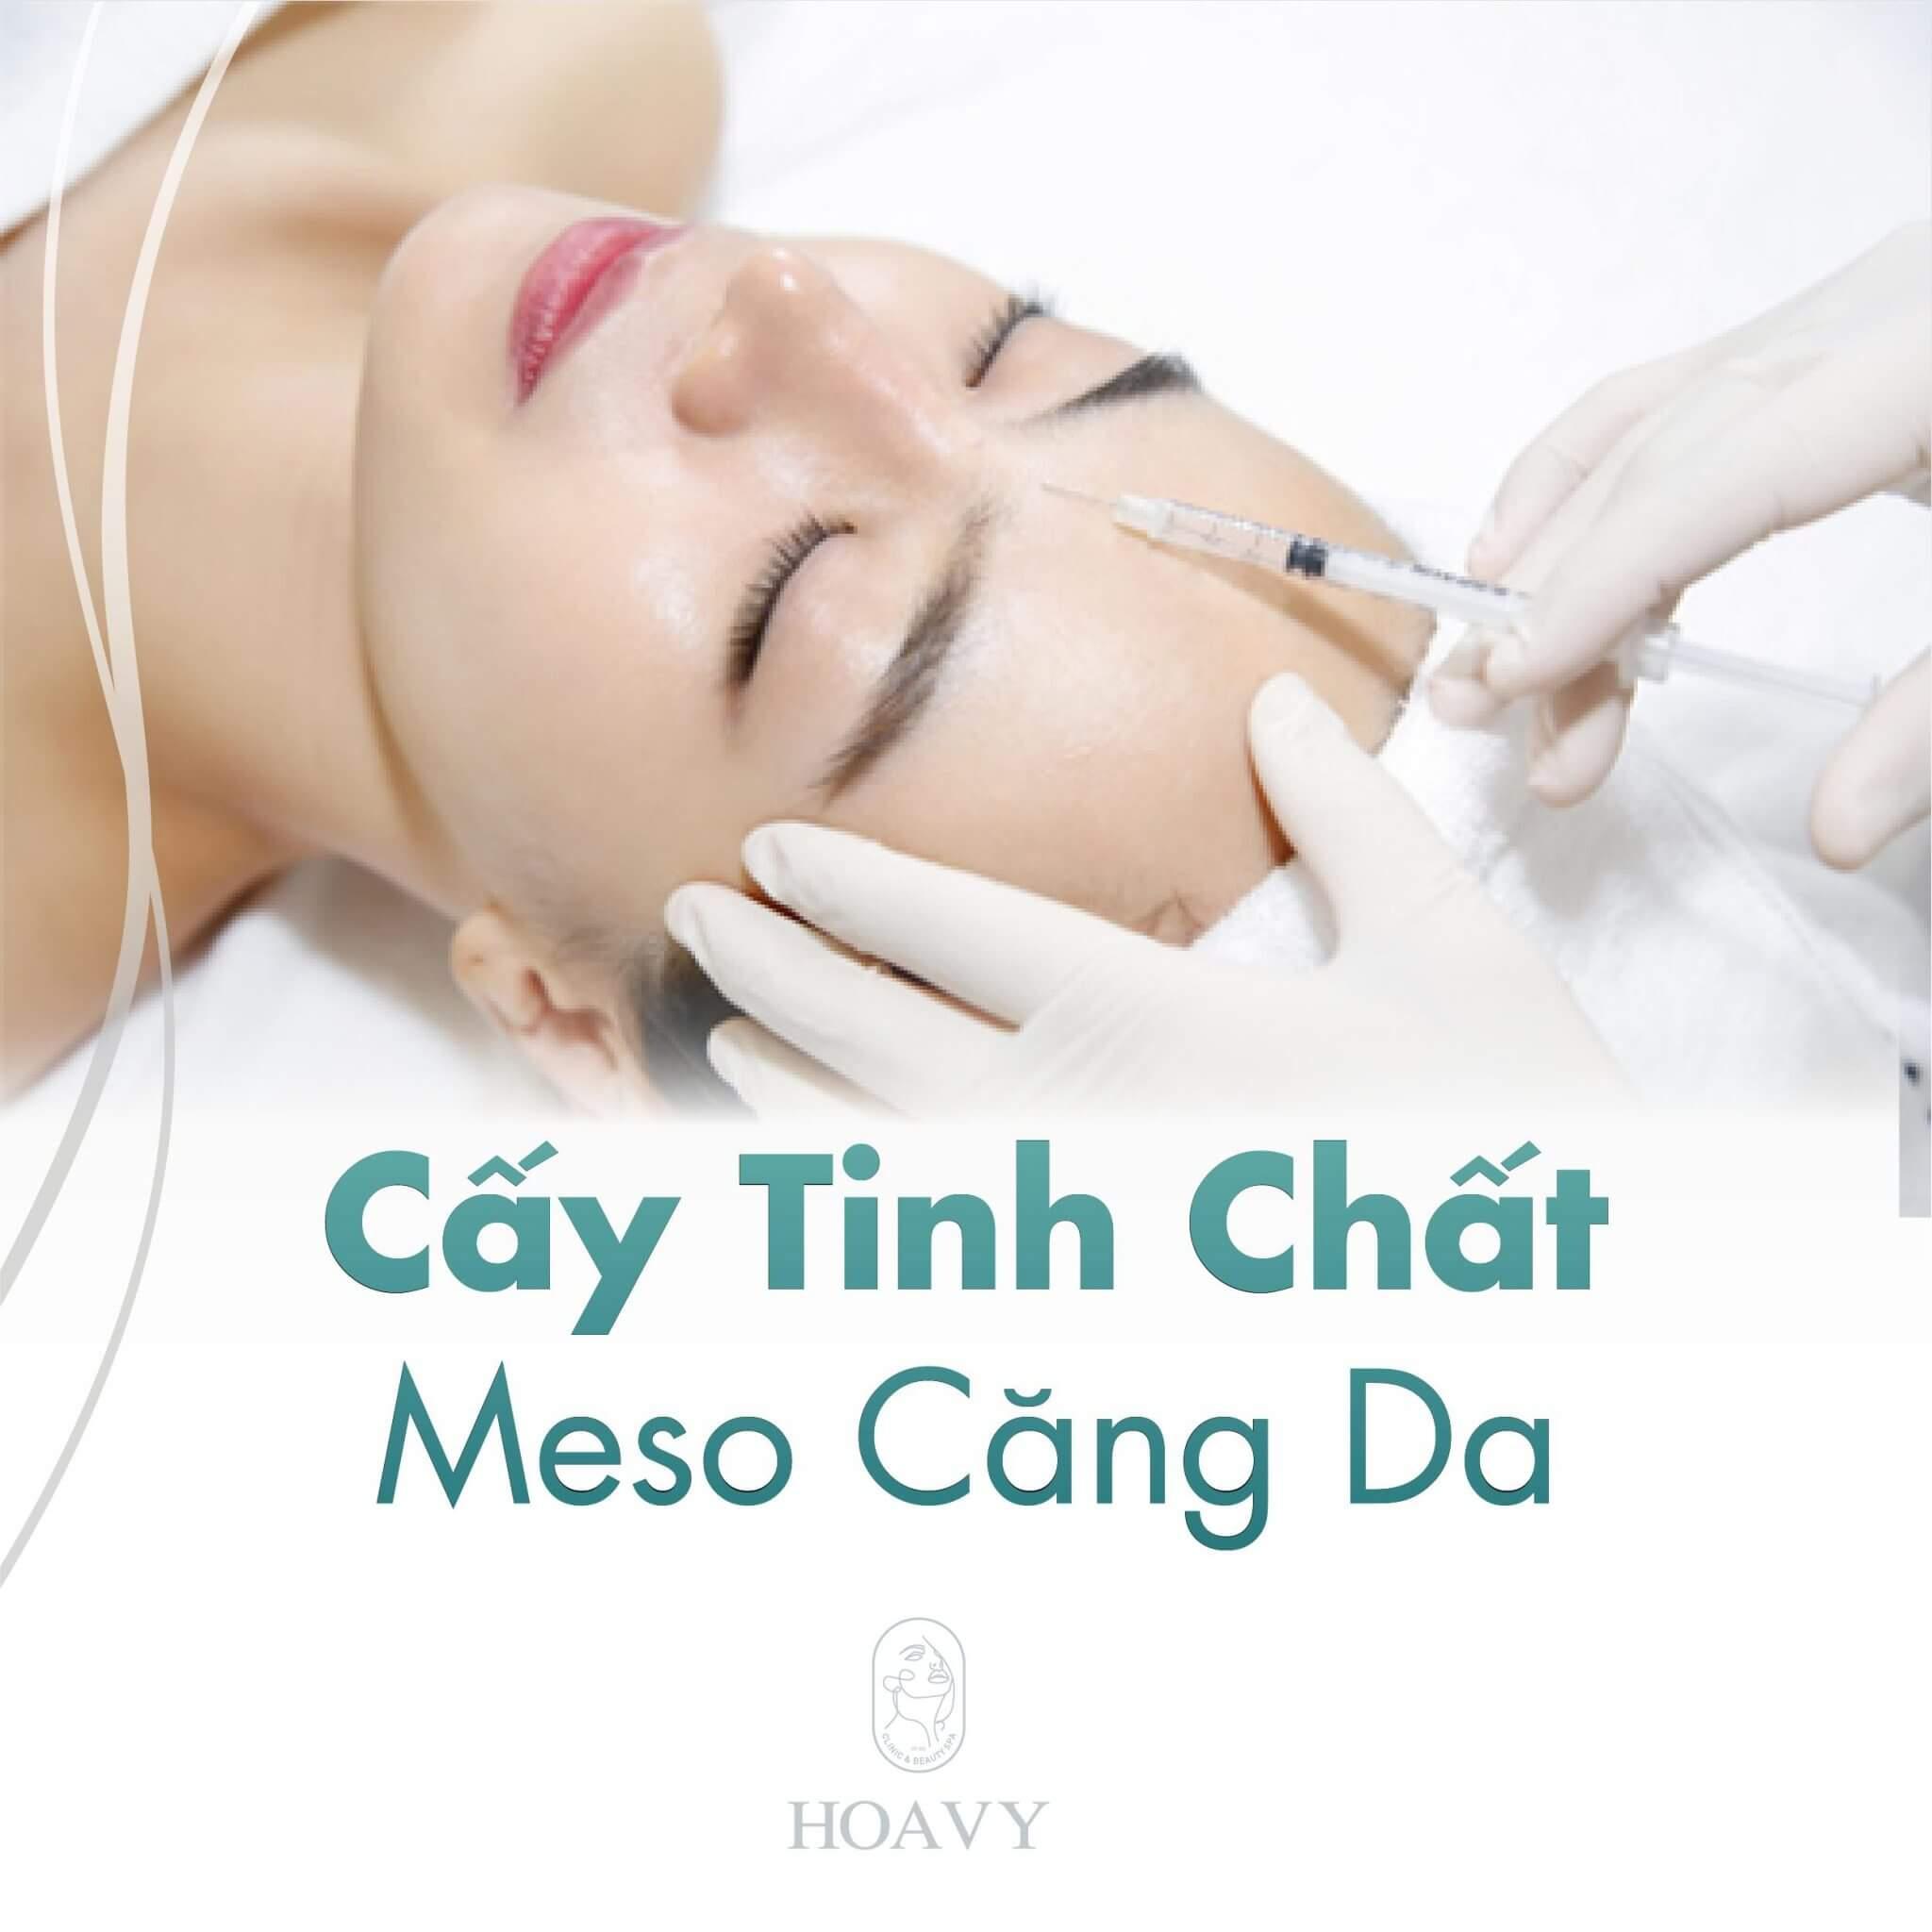 cay tinh chat cang da tai hai phong